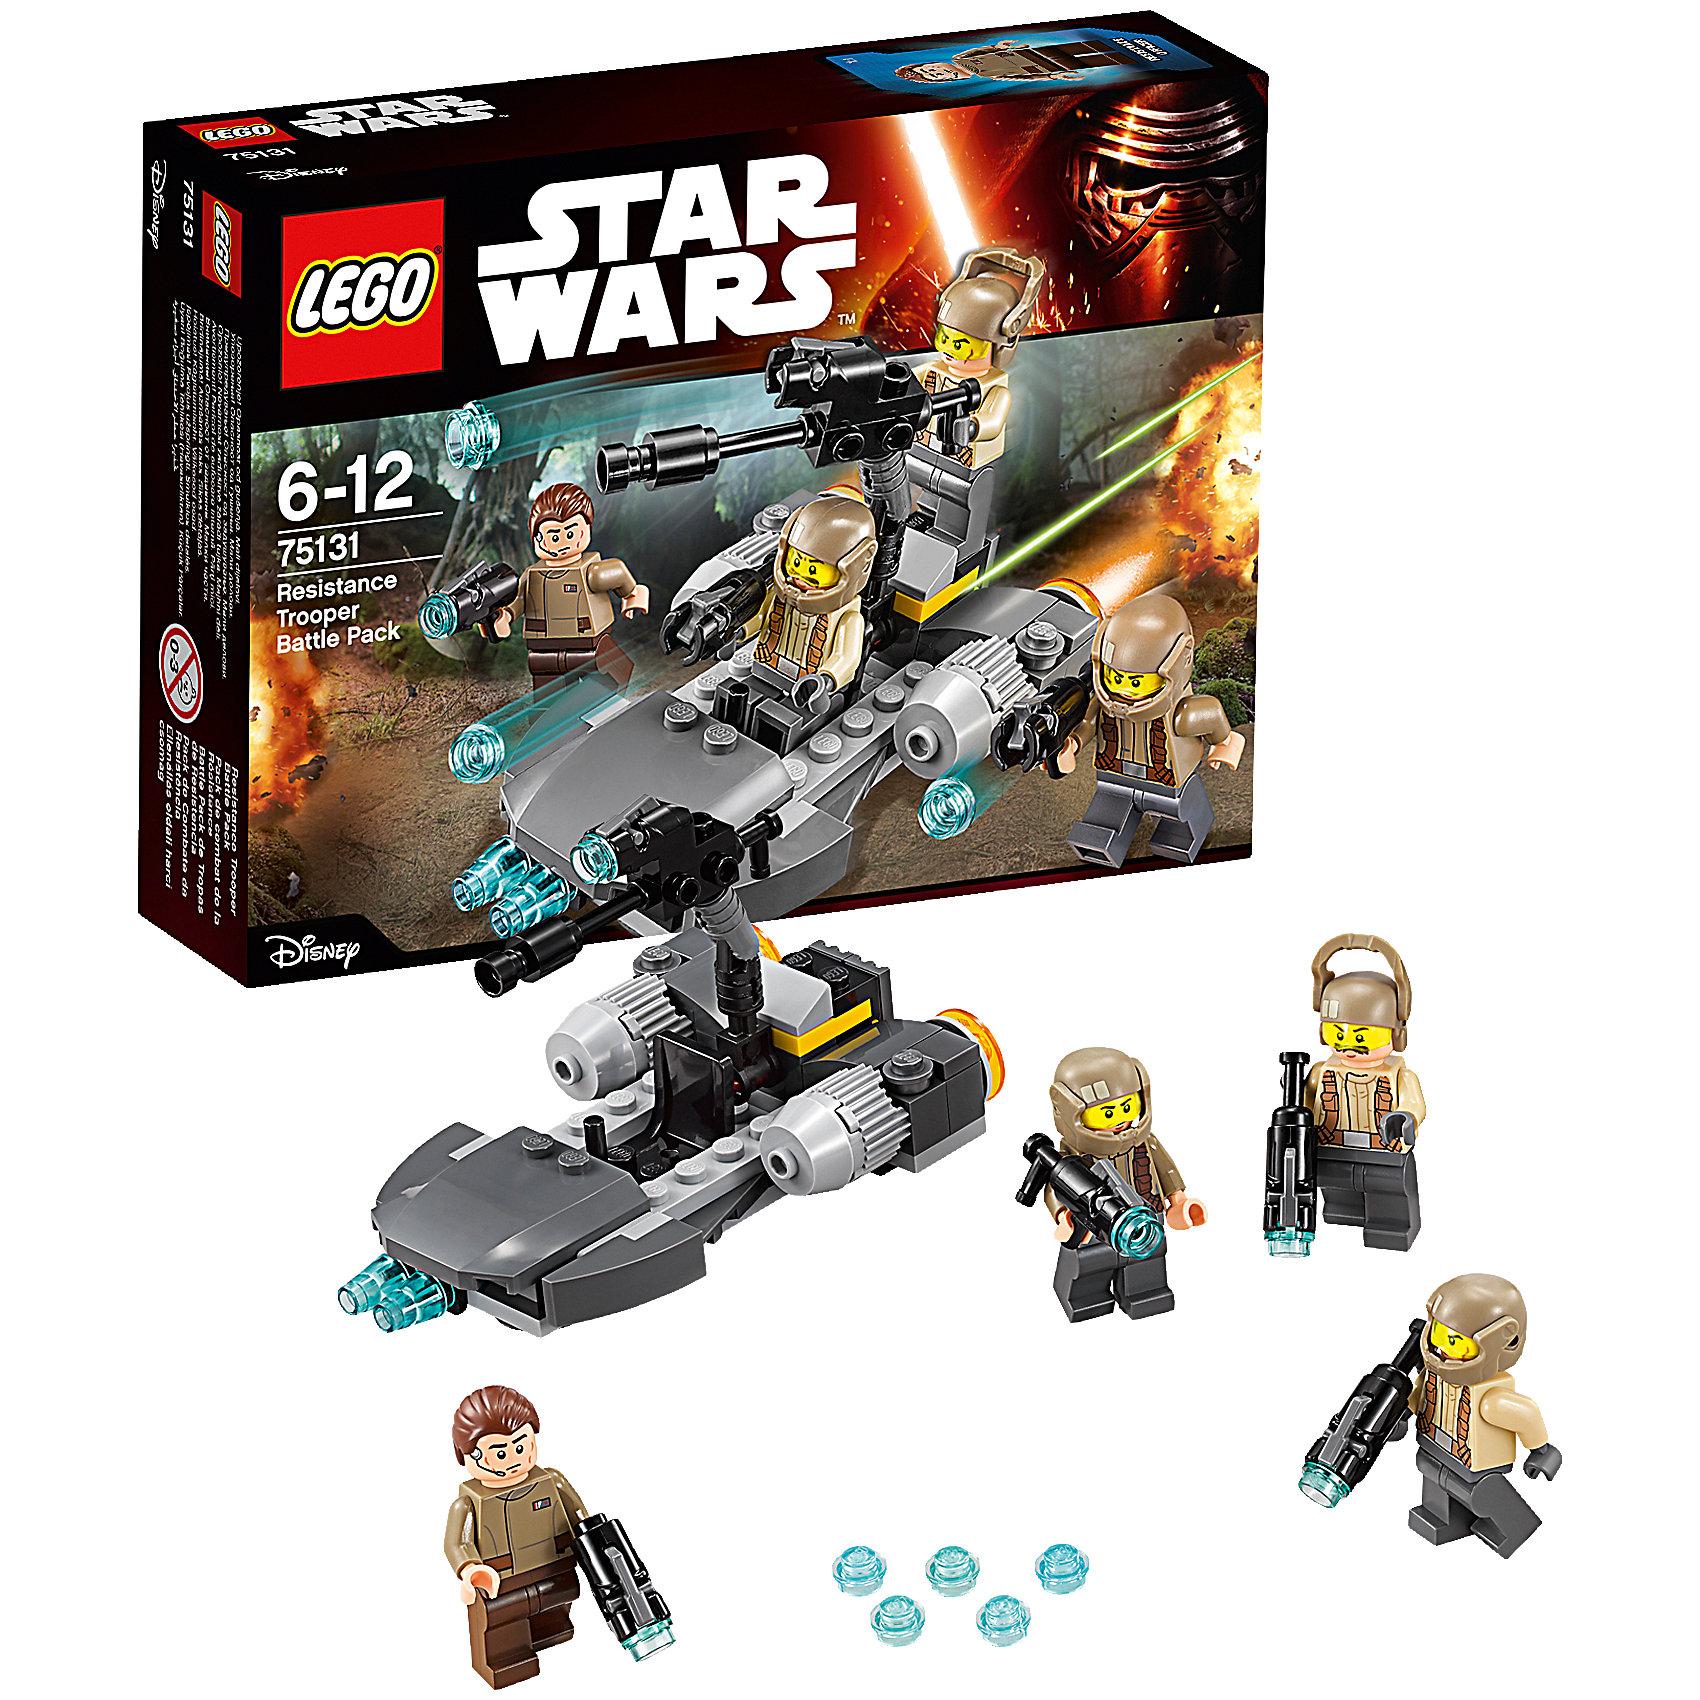 LEGO Star Wars 75131: Боевой набор СопротивленияИгрушки<br>LEGO Star Wars (ЛЕГО Звездные войны) 75131: Confidential Battle pack Episode 7 Heroe станет прекрасным подарком для всех поклонников знаменитой киносаги. Воссоздай захватывающие сцены из 7 эпизода Звездные Войны. Пробуждение Силы и помоги солдатам Сопротивления приготовиться к битве с силами Первого Ордена! Модель ЛЕГО очень похожа на свой прототип и прекрасно детализирована. В середине спидера закреплена мощная пушка, которая может поворачиваться в разные стороны и менять угол наклона. У этого орудия повстанцев необычная конструкция - на большое дуло закреплено дуло поменьше. Чтобы выстрелить, зарядите орудие небольшим снарядом и нажмите на крючок. Сзади у спидера расположены два мощных двигатели. В кабине предусмотрены место для пилота и для стрелка рядом с пушкой. В комплект также входят четыре минифигурки - офицер и три солдата Сопротивления, вооруженные бластерными винтовками. <br><br>Все конструкторы серии ЛЕГО Звездные войны созданы по мотивам знаменитой киносаги Звездные войны и воспроизводят самые популярные сюжеты и эпизоды фильма. В наборах представлены все основные средства вооружения и боевые единицы, задействованные в фильме.<br>Фантастические истребители, машины, роботы, оружие, фигурки персонажей выполнены очень реалистично, с высокой степенью детализации.<br><br>Дополнительная информация:<br><br>- Игра с конструктором LEGO (ЛЕГО) развивает мелкую моторику ребенка, фантазию и воображение, учит его усидчивости и внимательности.<br>- Количество деталей: 112.<br>- Количество минифигур: 4.<br>- Серия: LEGO Star Wars (ЛЕГО Звездные войны).<br>- Материал: пластик.<br>- Размер упаковки: 19 х 4,5 х 14 см.<br>- Вес: 0,125 кг.<br><br>Конструктор LEGO Star Wars (ЛЕГО Звездные войны) 75131: Confidential Battle pack Episode 7 Heroe можно купить в нашем интернет-магазине.<br><br>Ширина мм: 195<br>Глубина мм: 142<br>Высота мм: 50<br>Вес г: 122<br>Возраст от месяцев: 72<br>Возраст до месяцев: 144<br>Пол: Муж